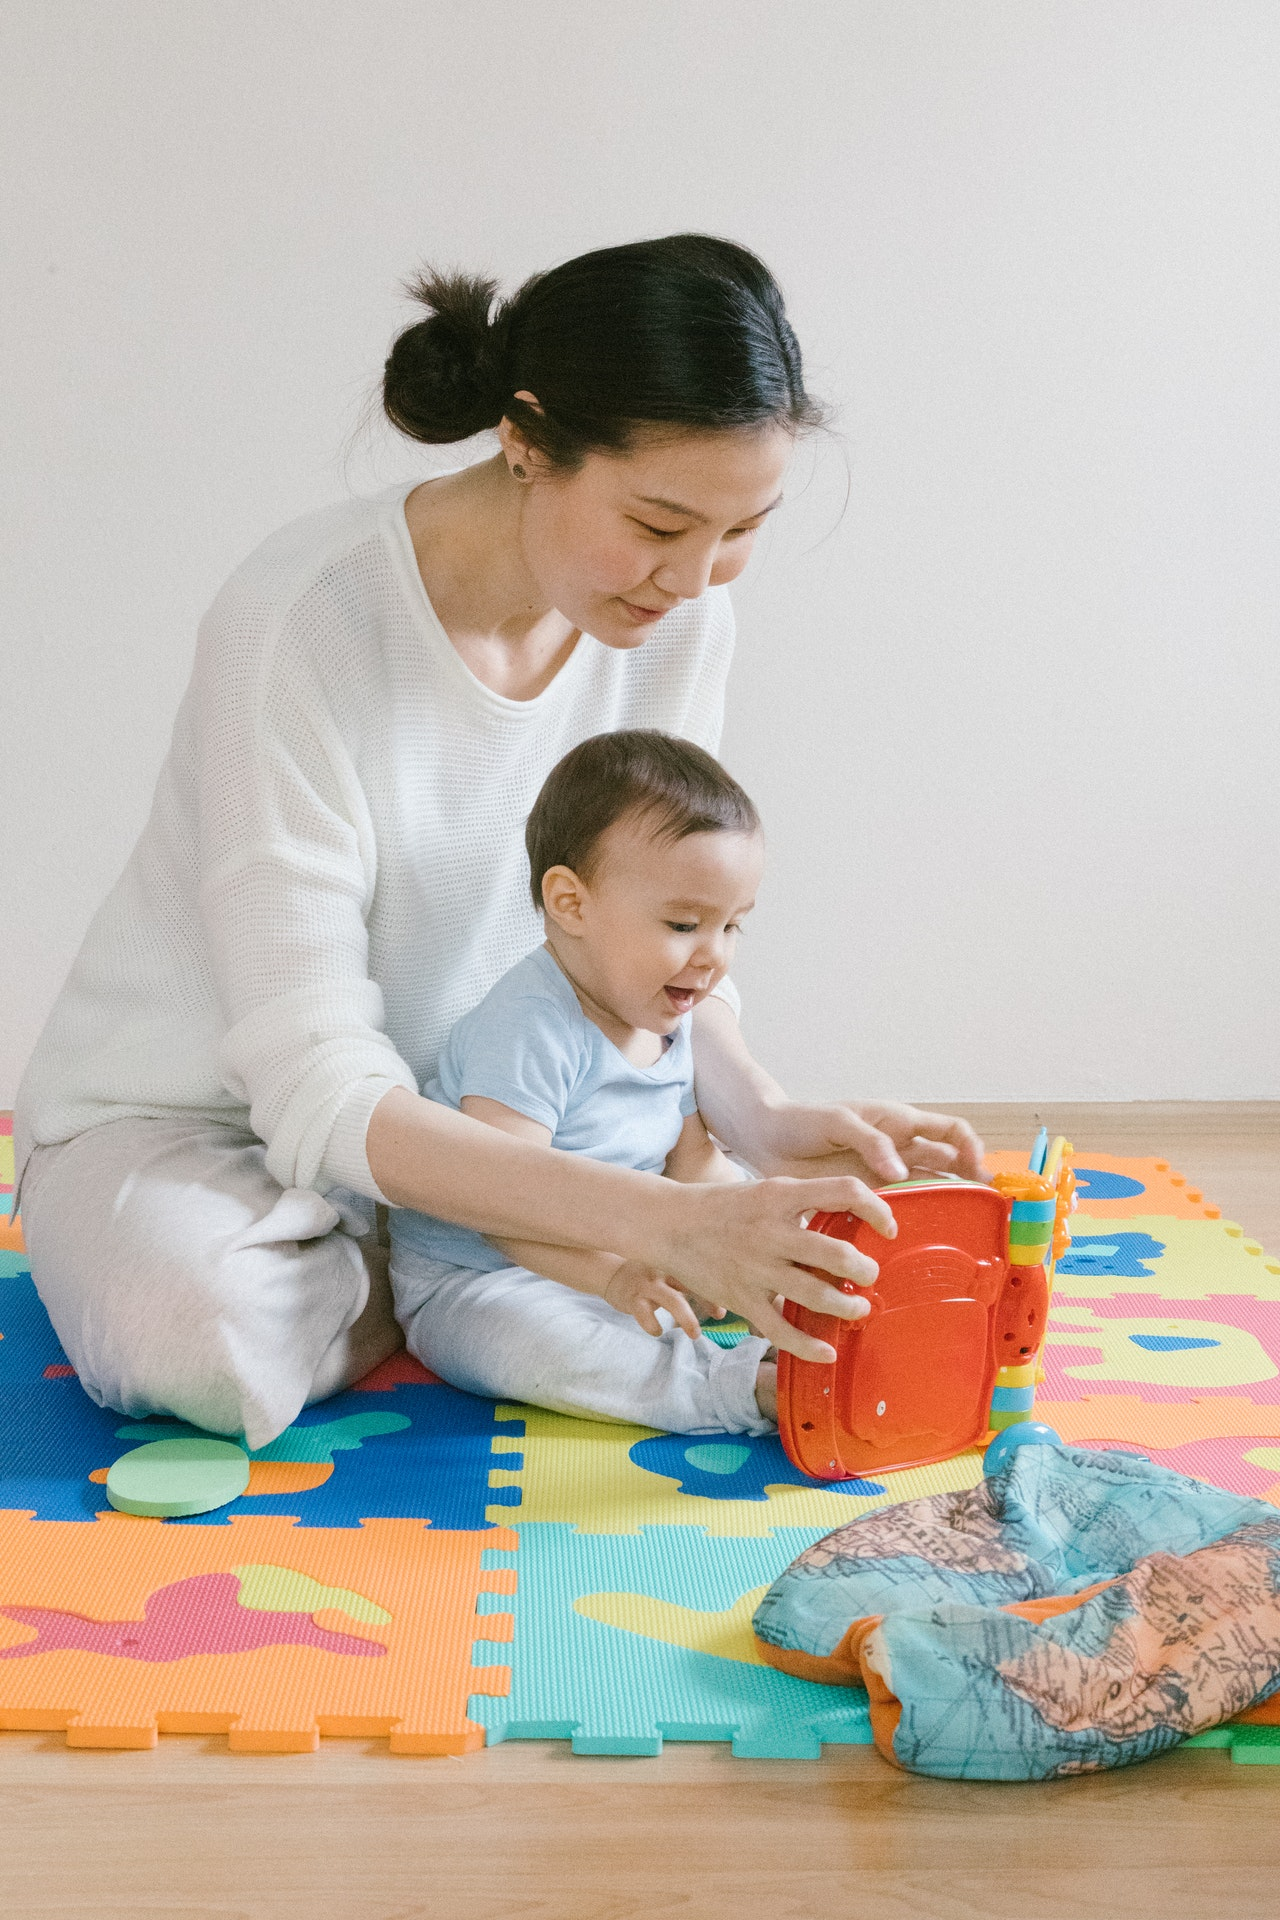 choisir tapis motricite bebe